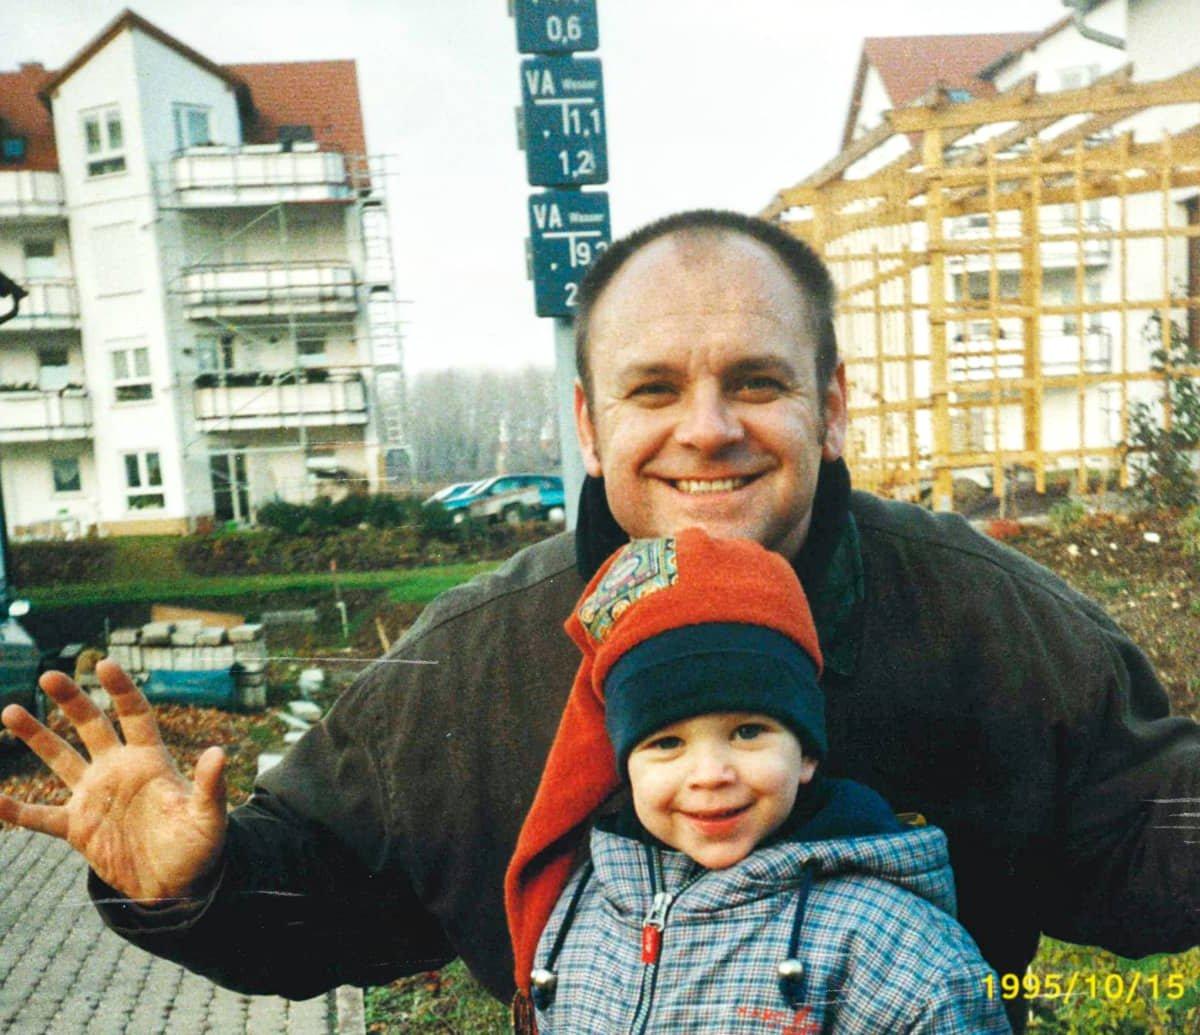 1995 bis 2020 – ein Vierteljahrhundert Dima Immobilien